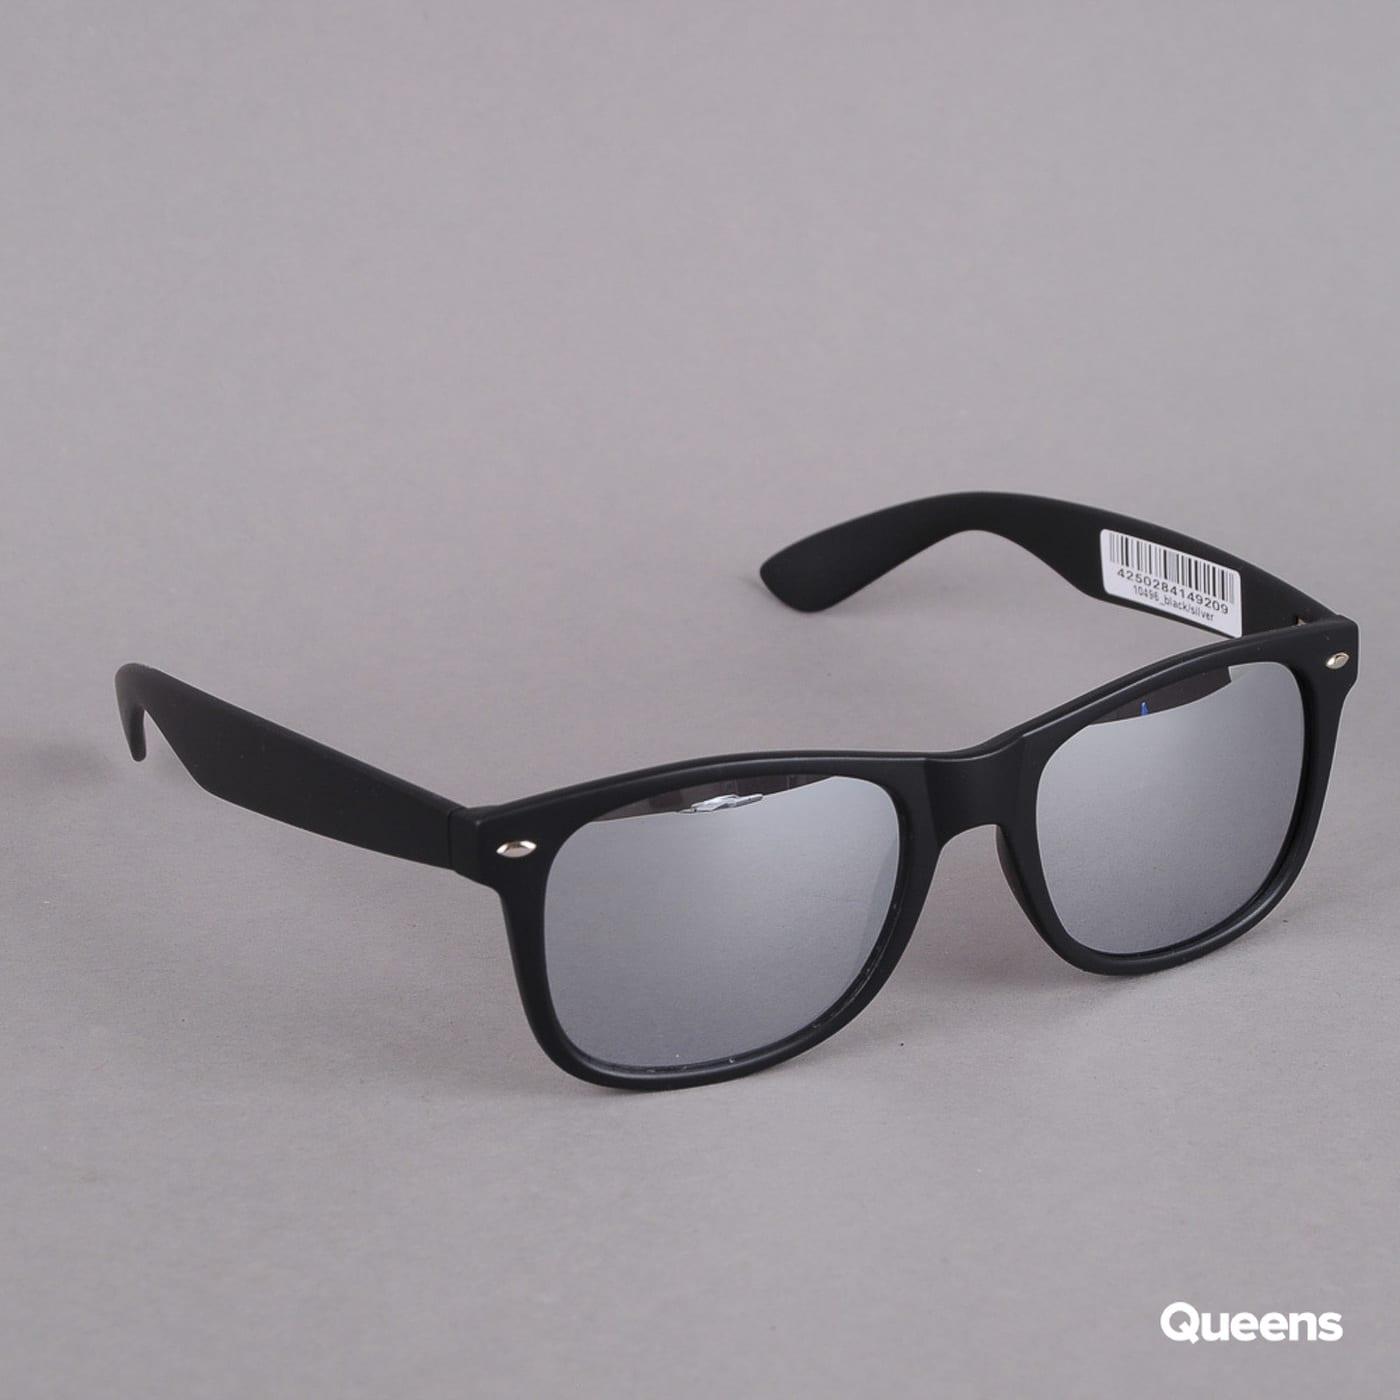 MD Sunglasses Likoma Mirror čierne / strieborné